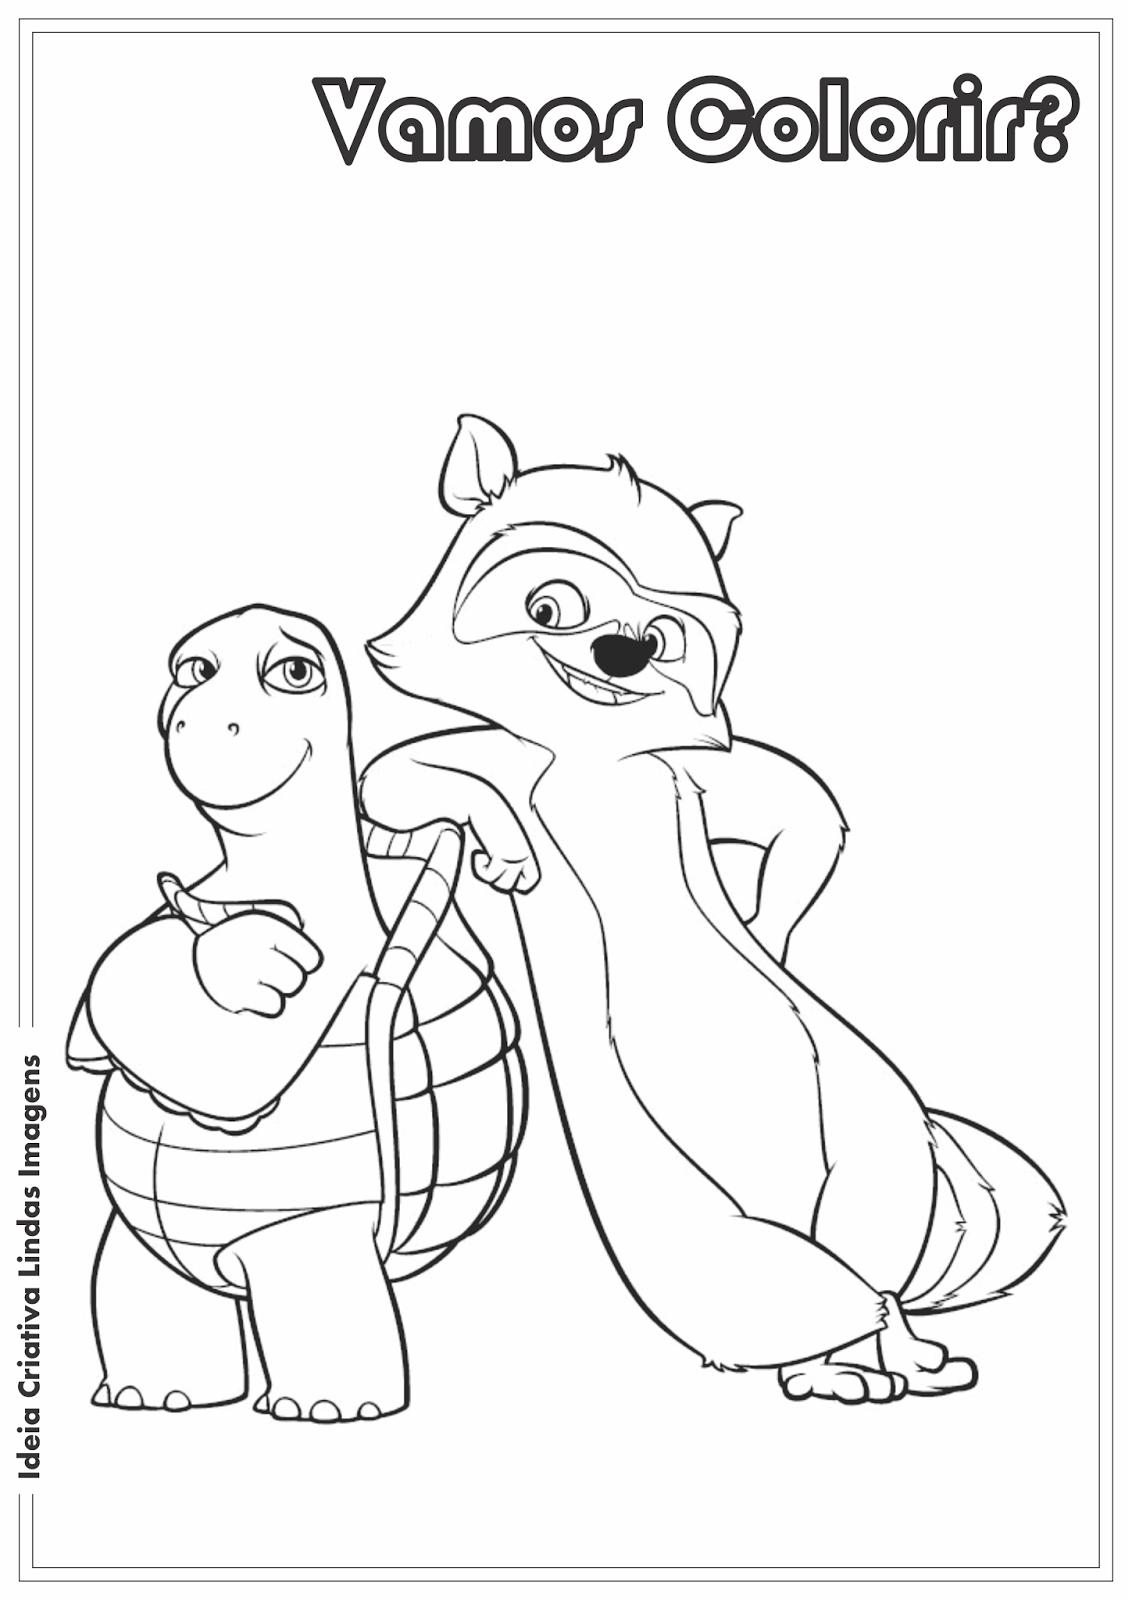 Os Sem-Floresta - Verne e RJ desenho para colorir